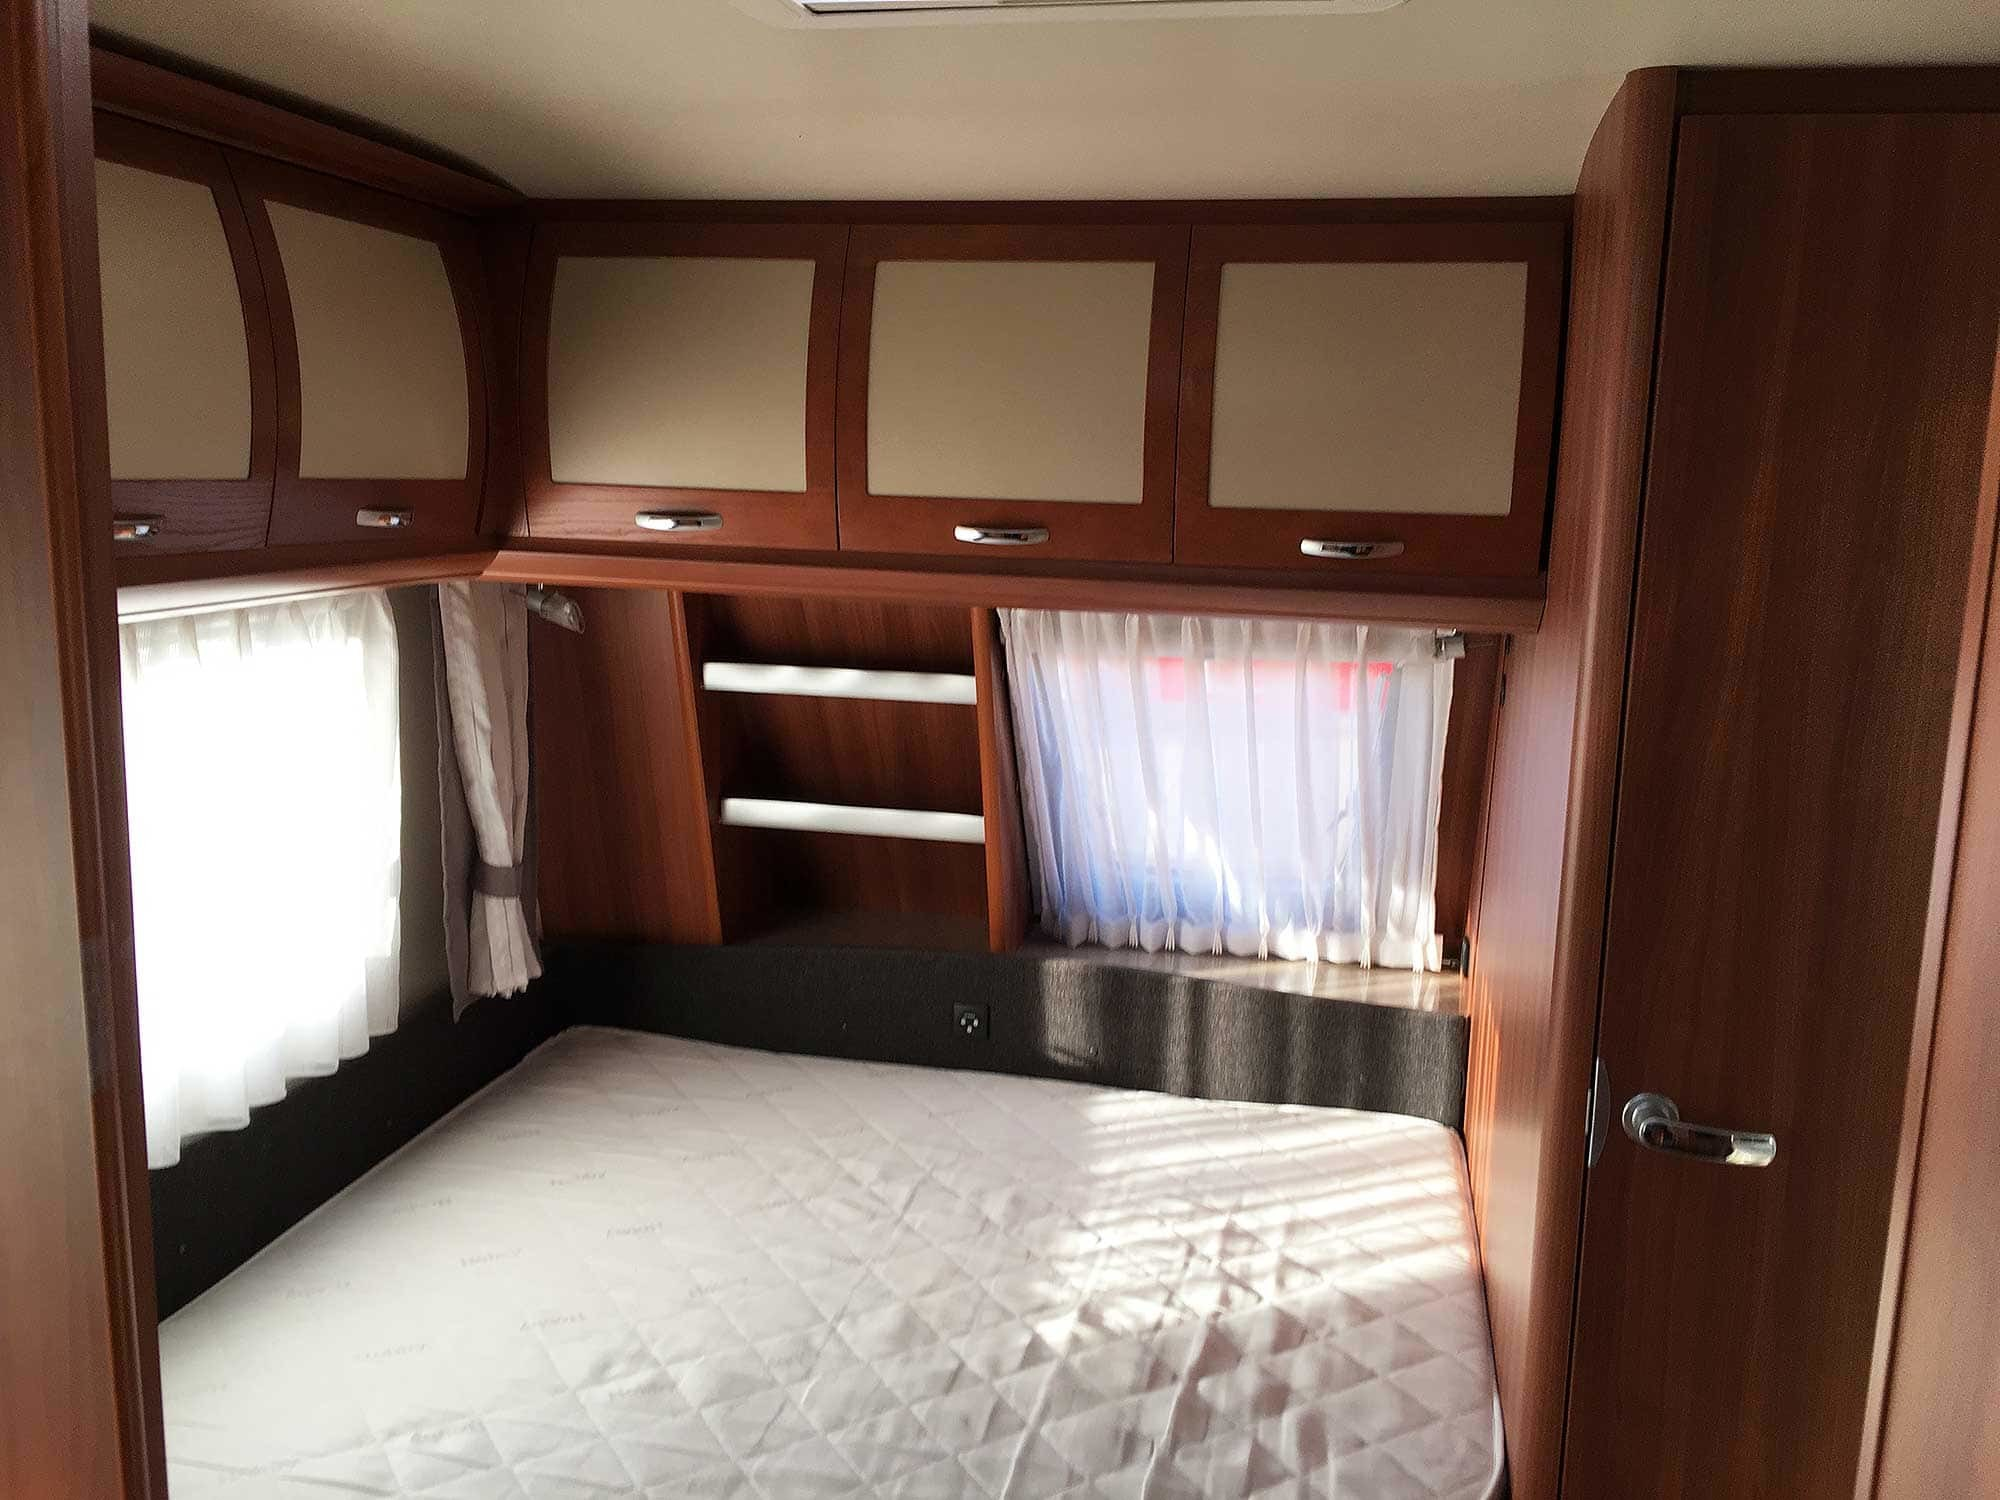 Wohnwagen Mit Etagenbett Für Erwachsene : Wohnwagen hobby prestige ukfe jetzt mieten